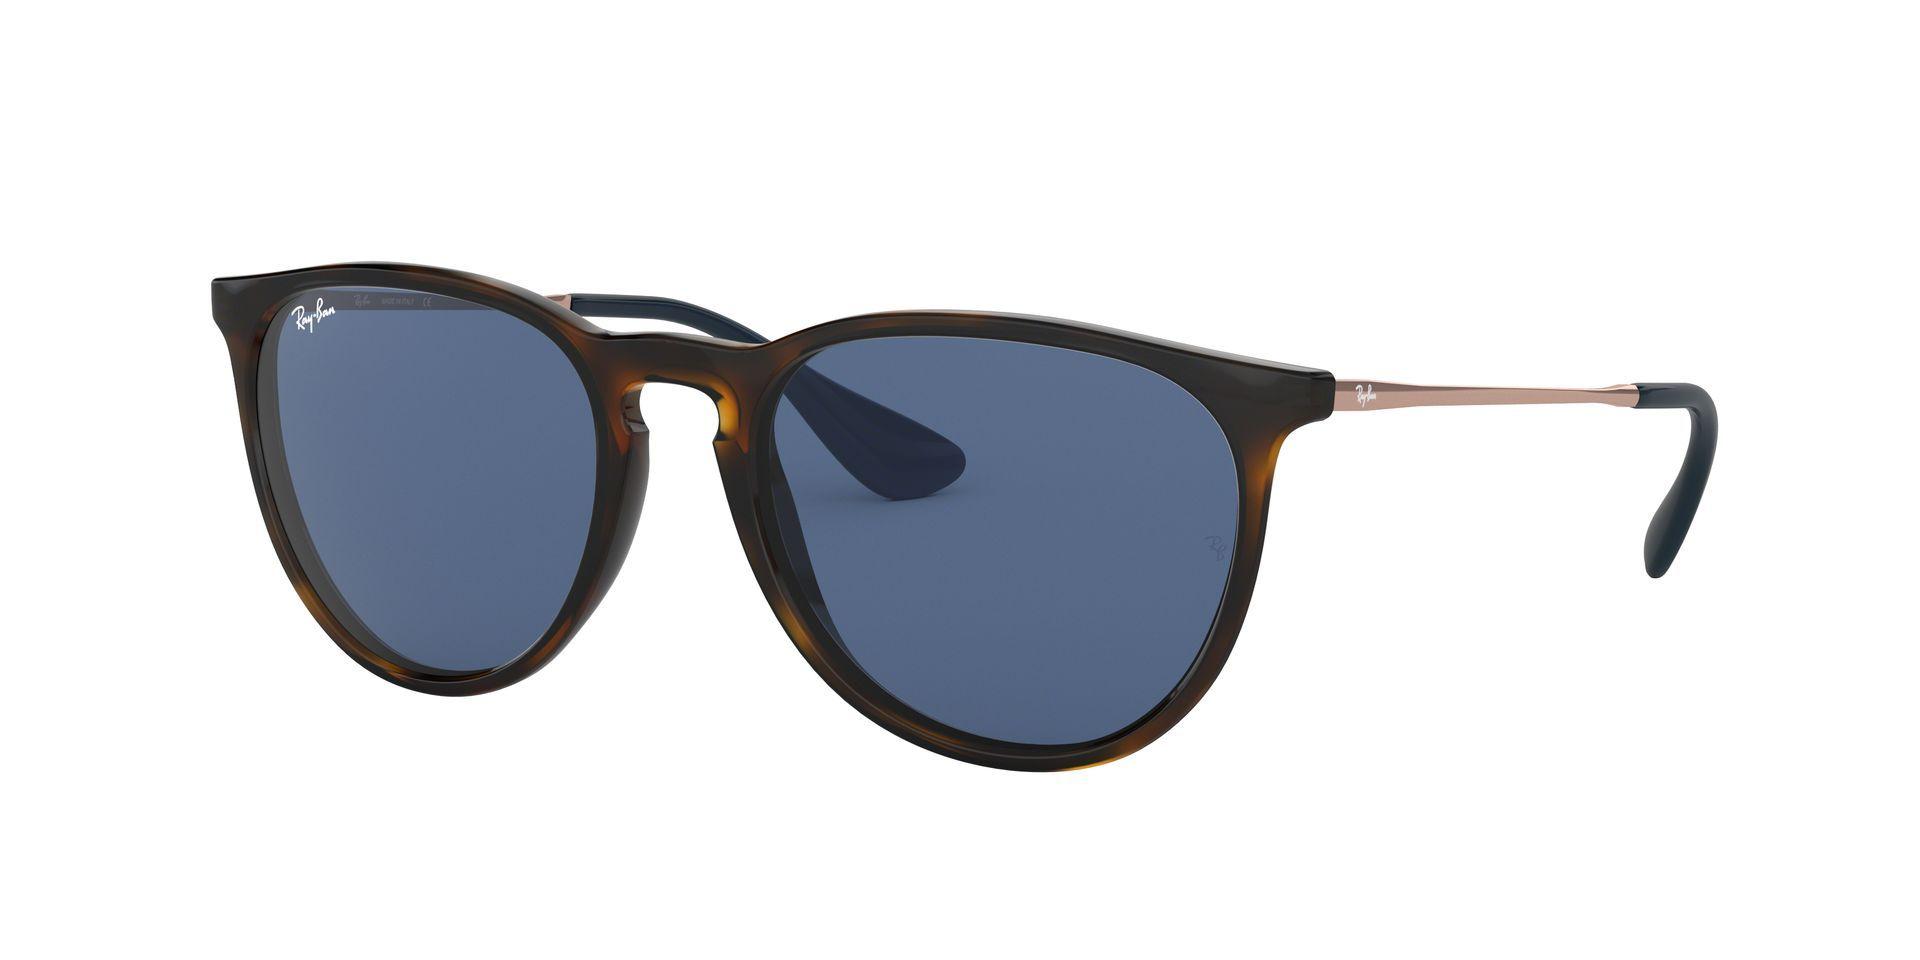 0de18c0a5f8a10 Ray-Ban Erika (F) RB4171F Progressive Prescription Sunglasses